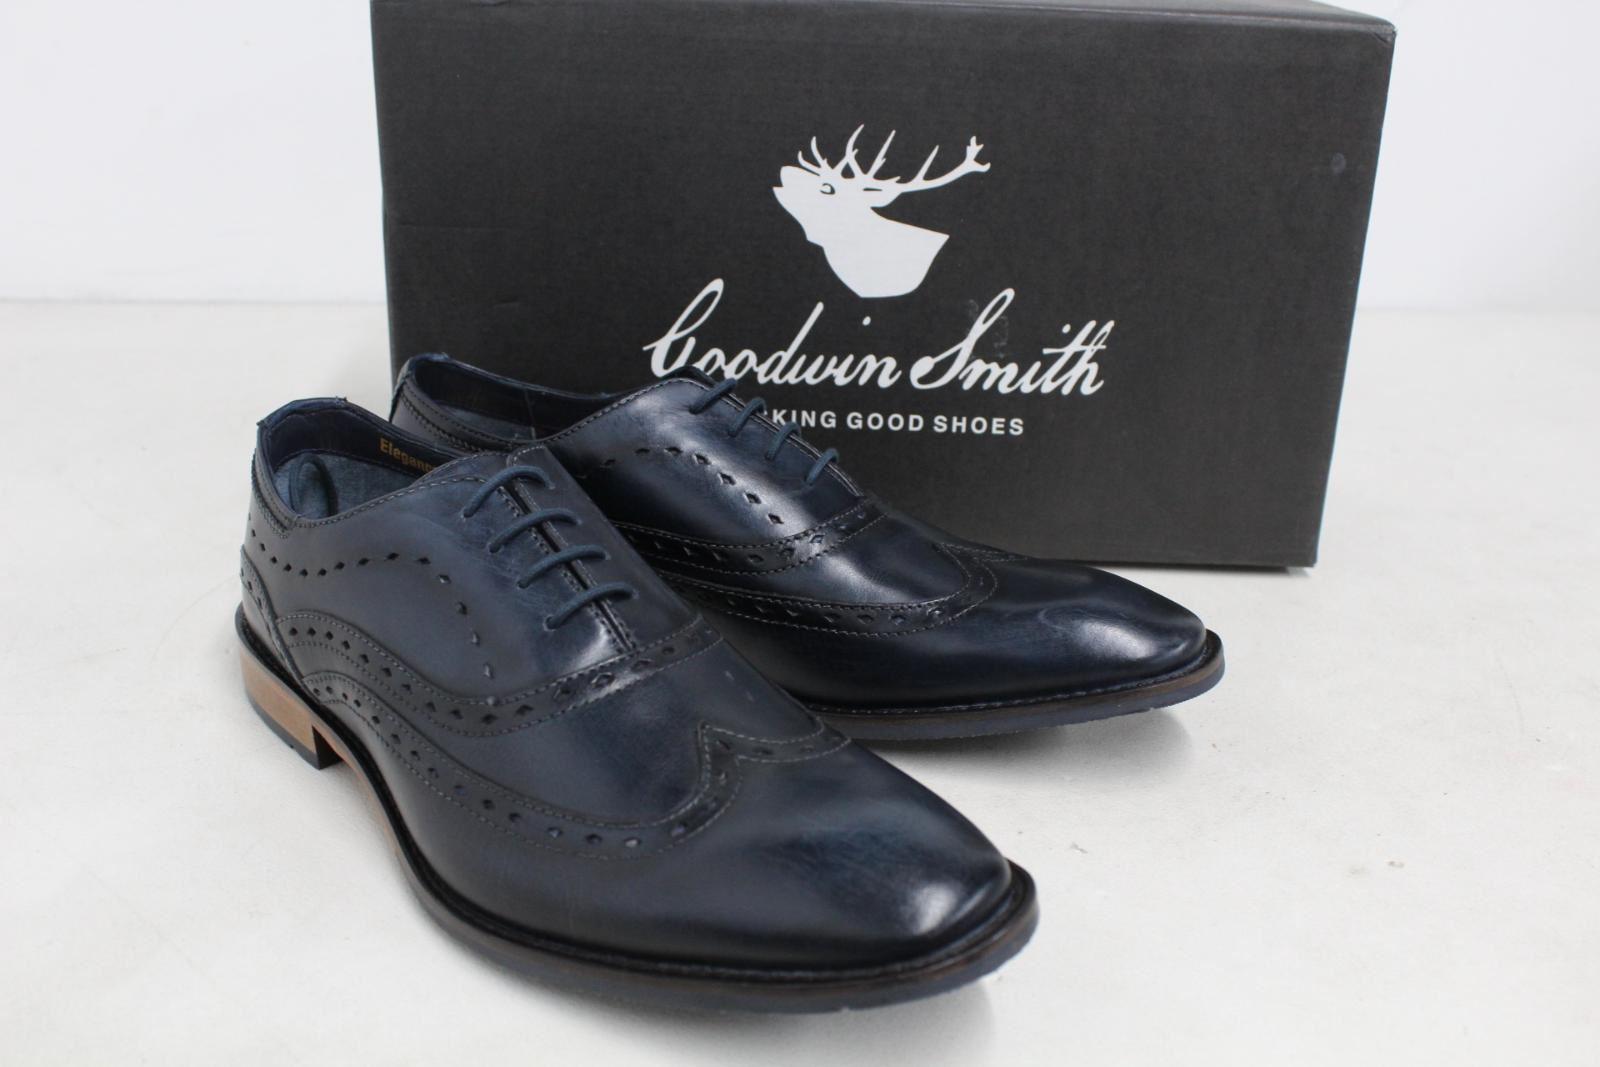 GOODWIN-para-hombre-Azul-Marino-Bowland-SMITH-Cuero-Oxford-Zapatos-UK-7-EU41-Nuevo